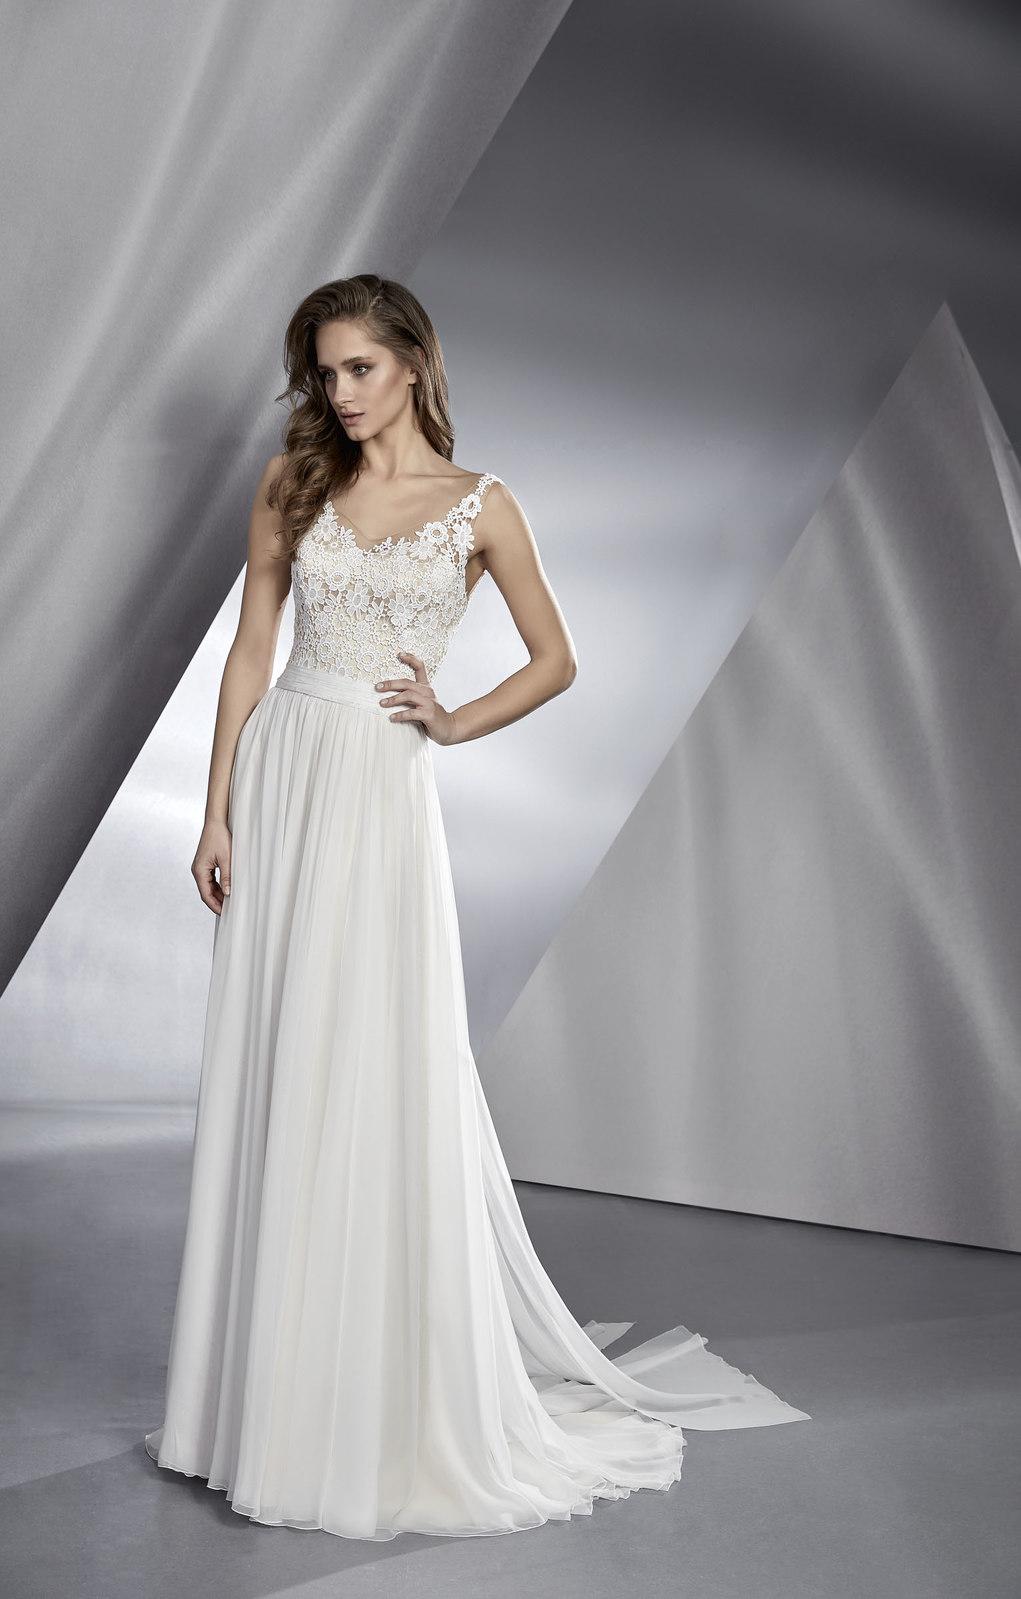 Erfreut Brooklyn Brautkleider Fotos - Hochzeit Kleid Stile Ideen ...